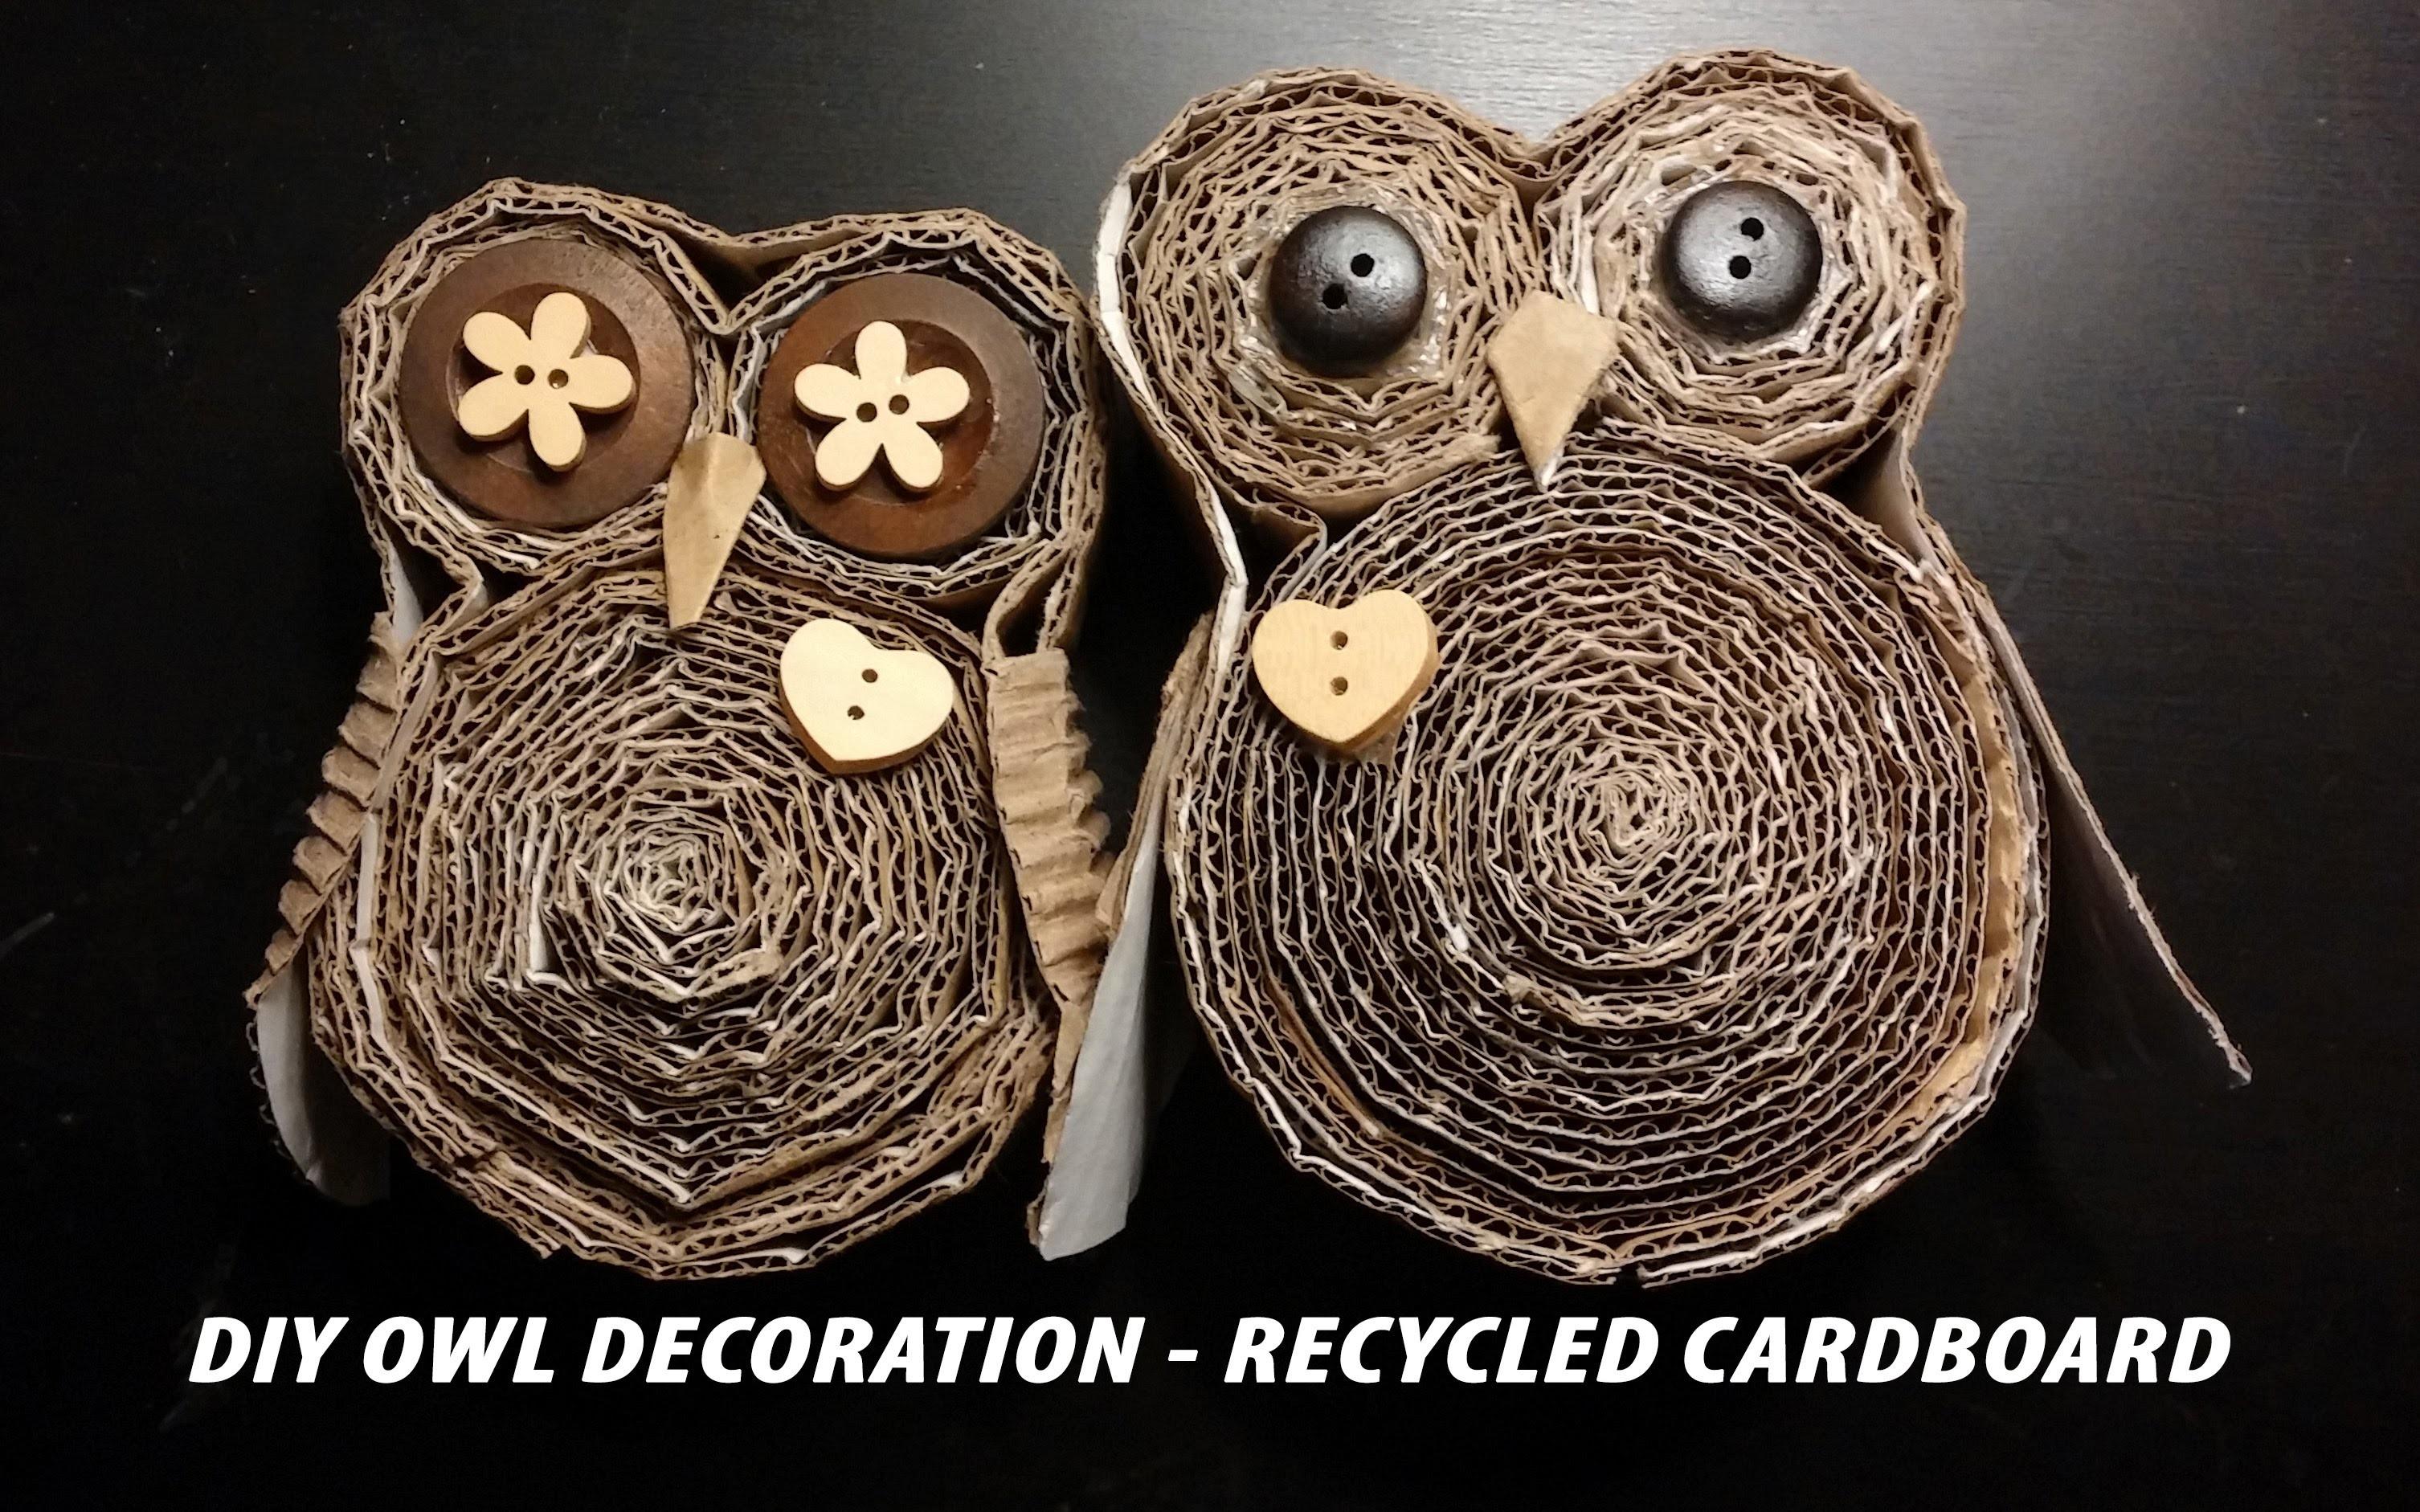 DIY Owl Decoration - Recycled Cardboard